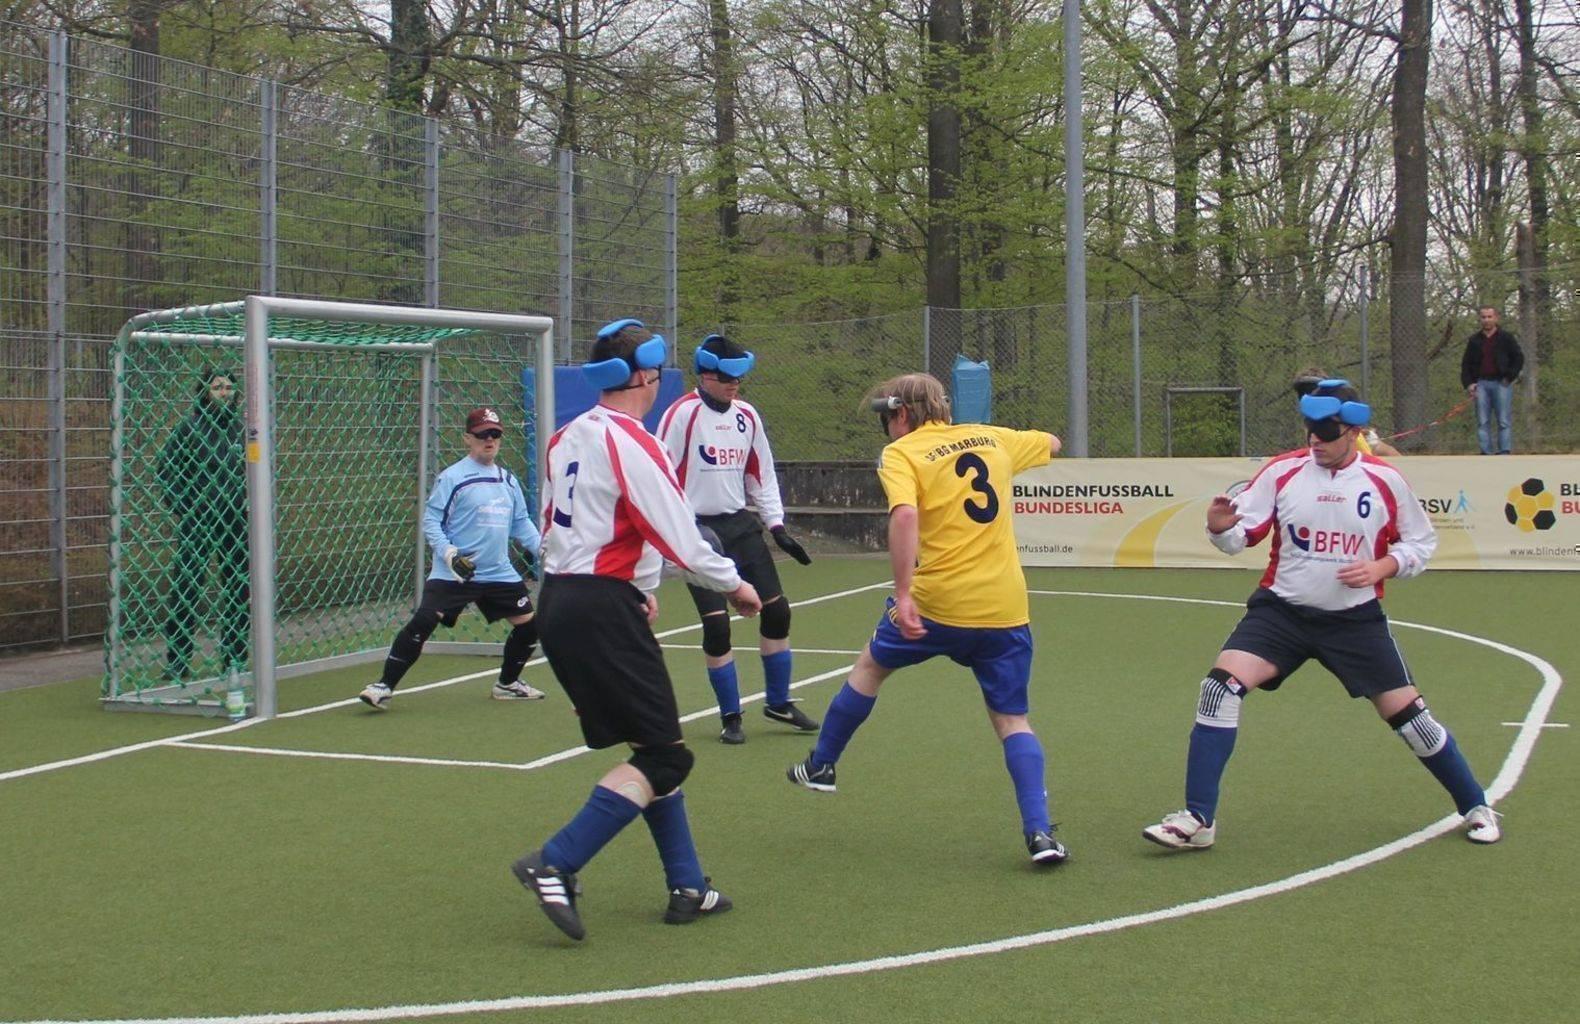 Spielszene des BFW&VSV Würzburg gegen die SF Marburg